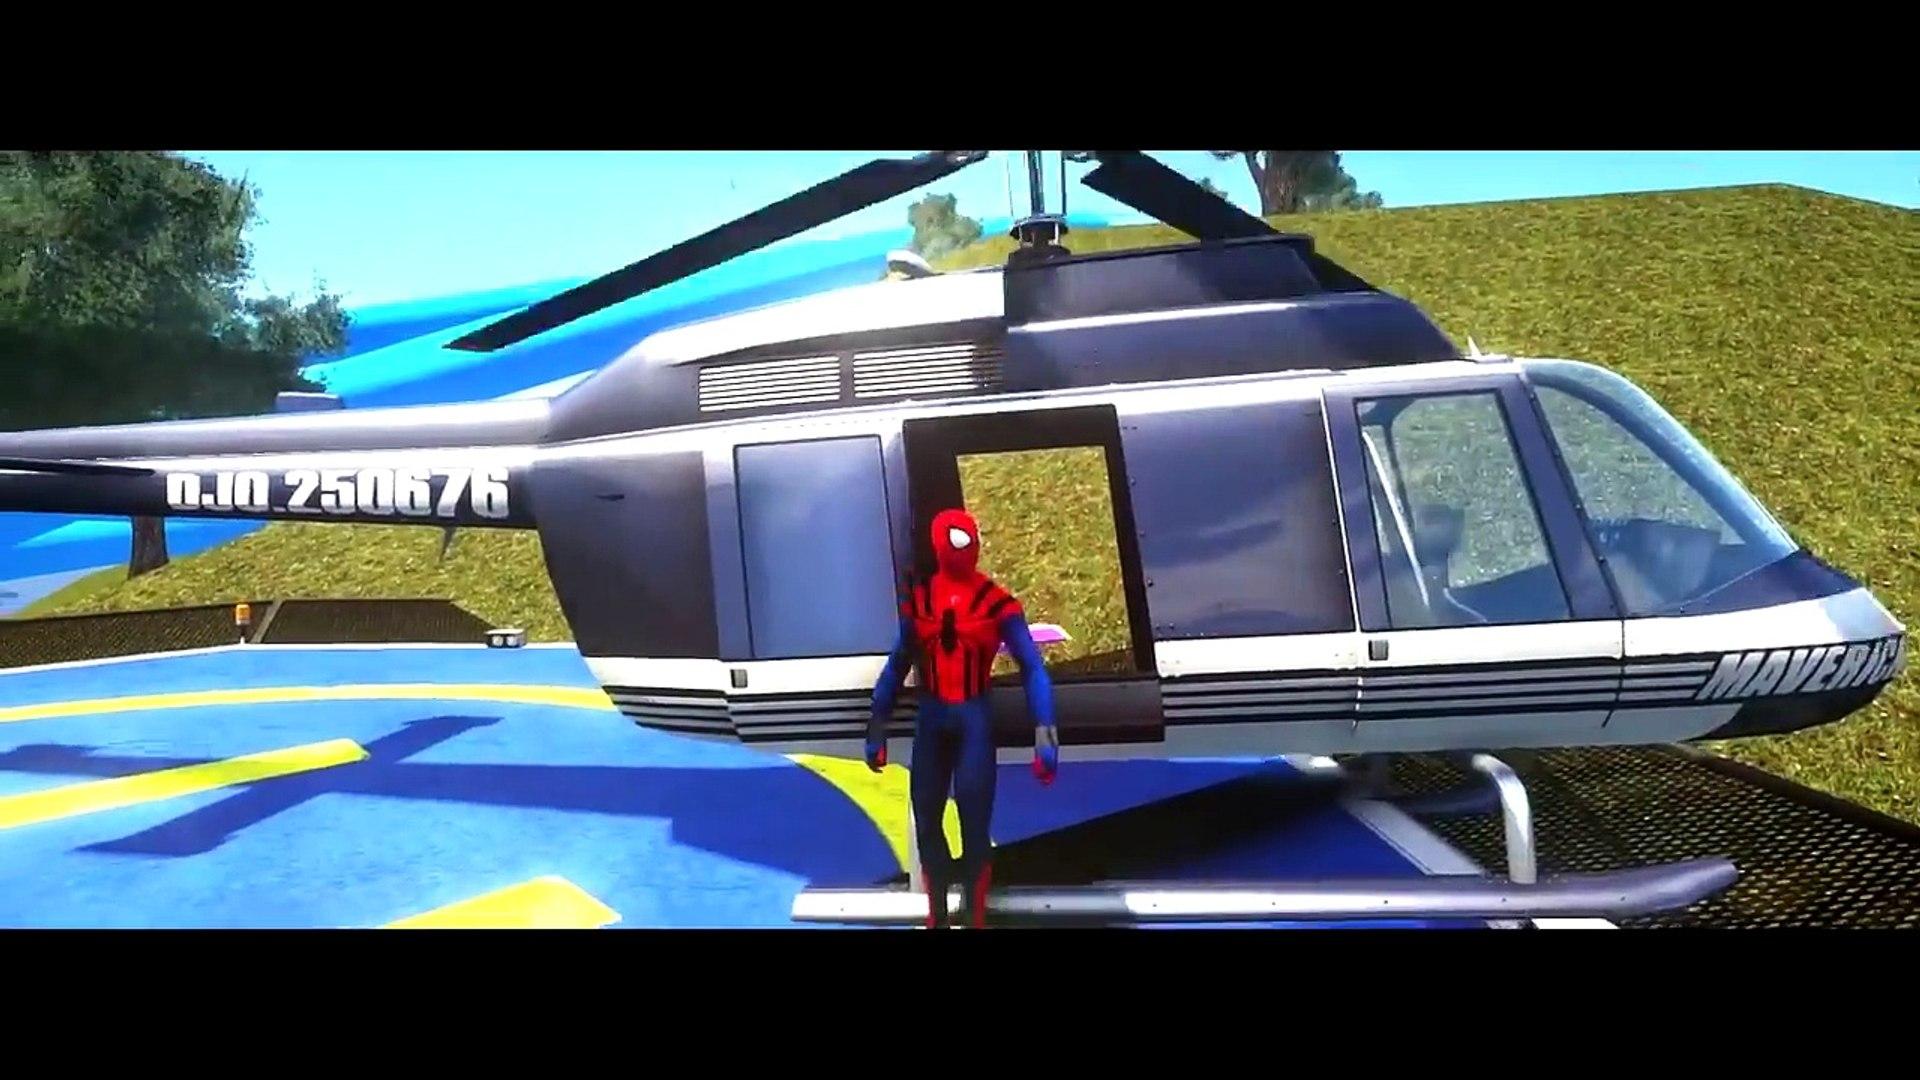 Disney Pixar CARS 2 Rayo MCQUEEN Ramone Flash Macuin Toy Story Spider man Songs Nursery Rhymes